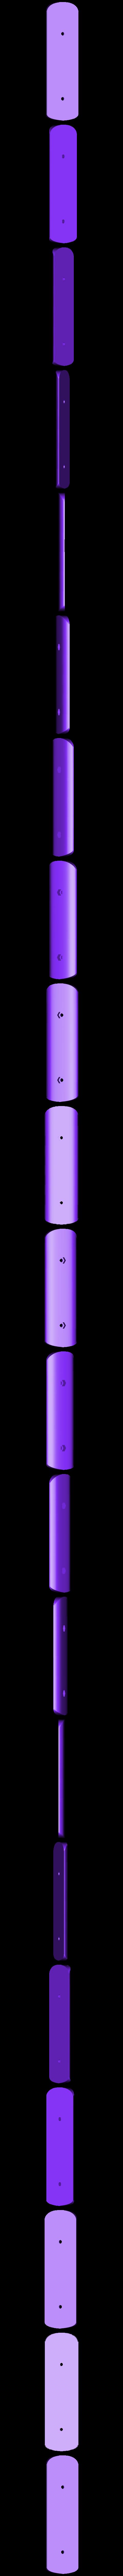 grip_2.stl Télécharger fichier STL gratuit Ping Pong tennis de table • Design pour impression 3D, 3D-mon